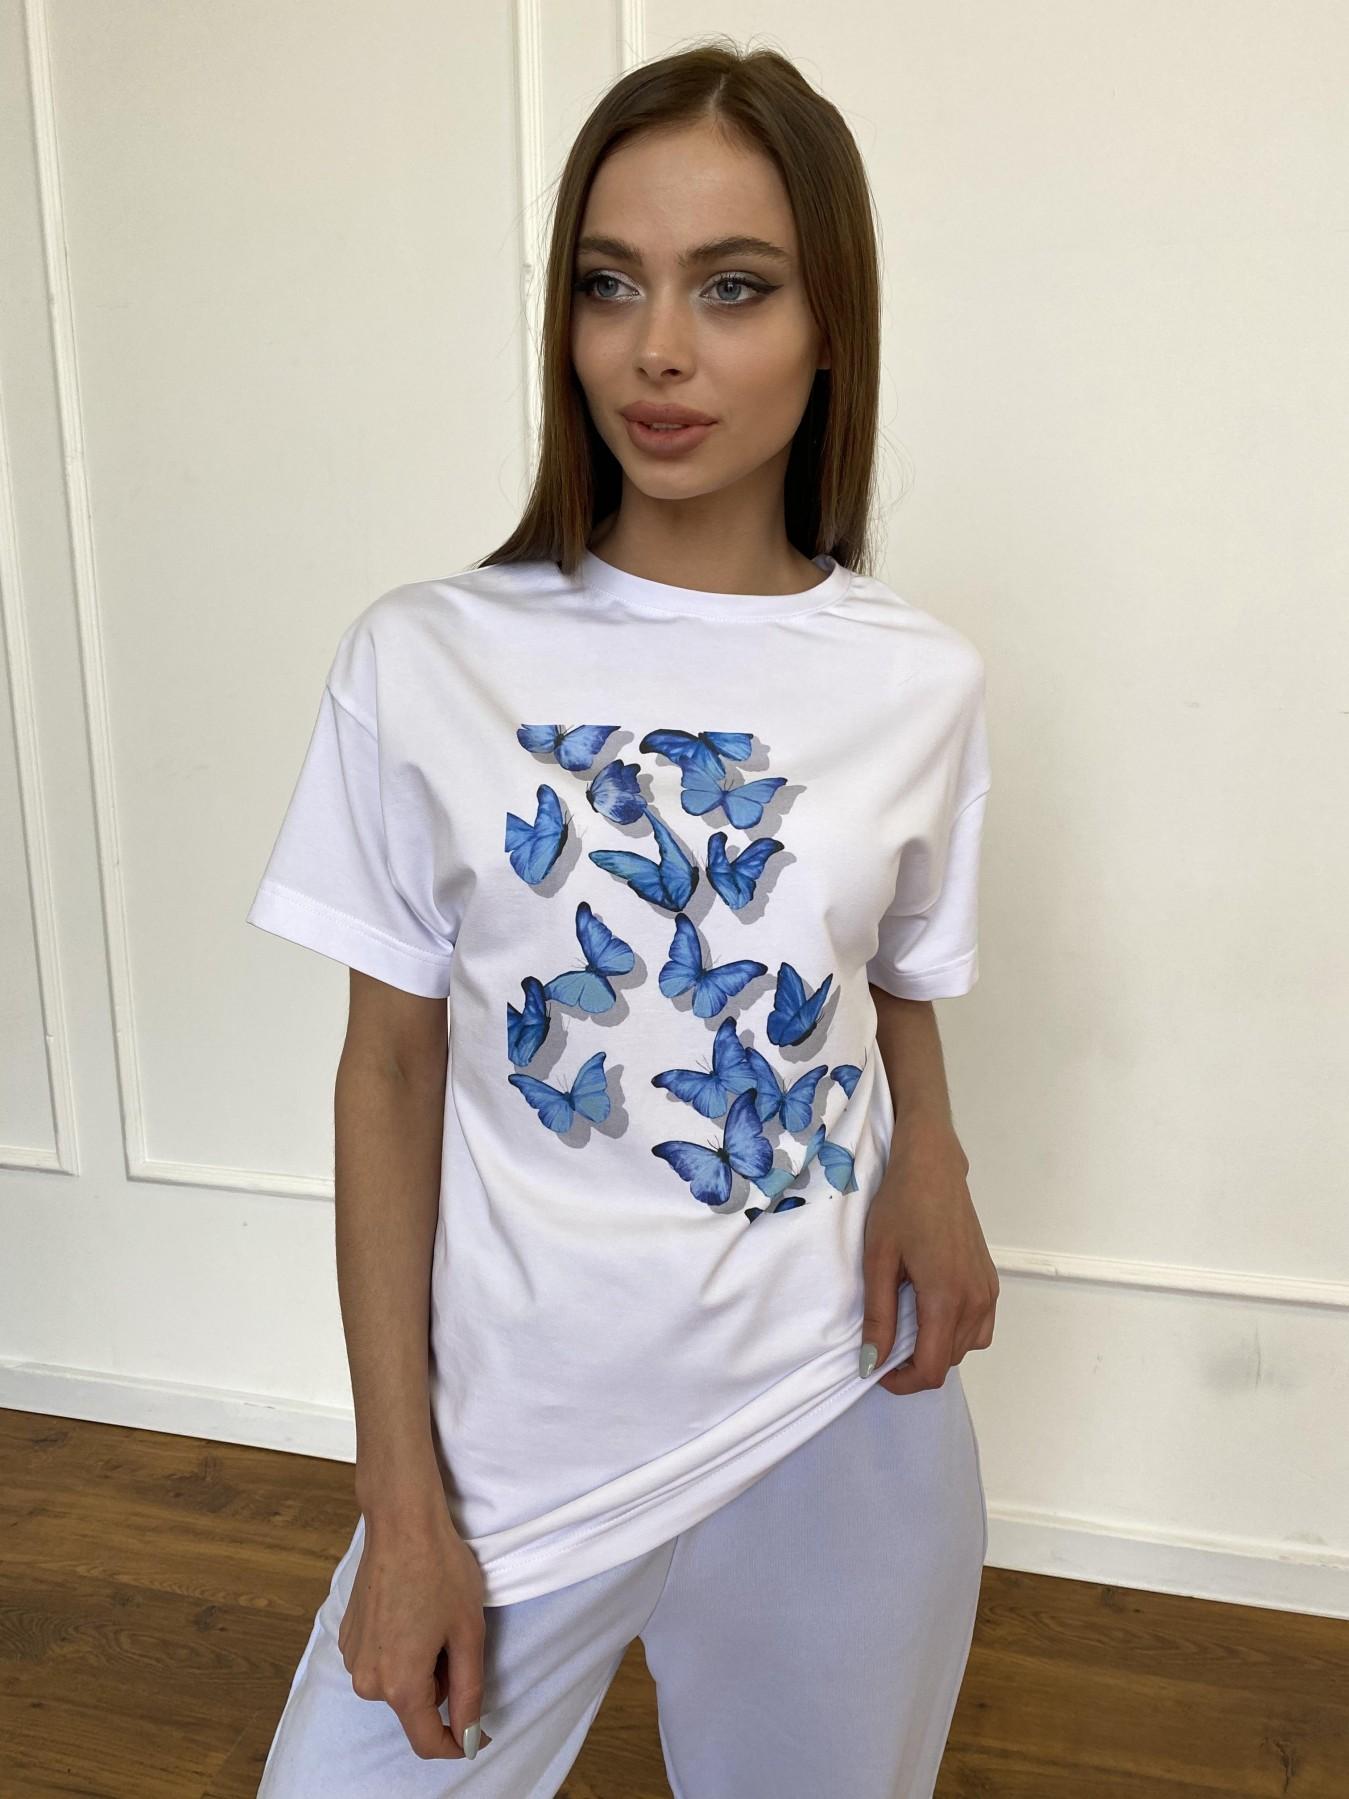 Бабочки футболка из вискозы однотонная хлопок 11232 АРТ. 47752 Цвет: Белый - фото 7, интернет магазин tm-modus.ru